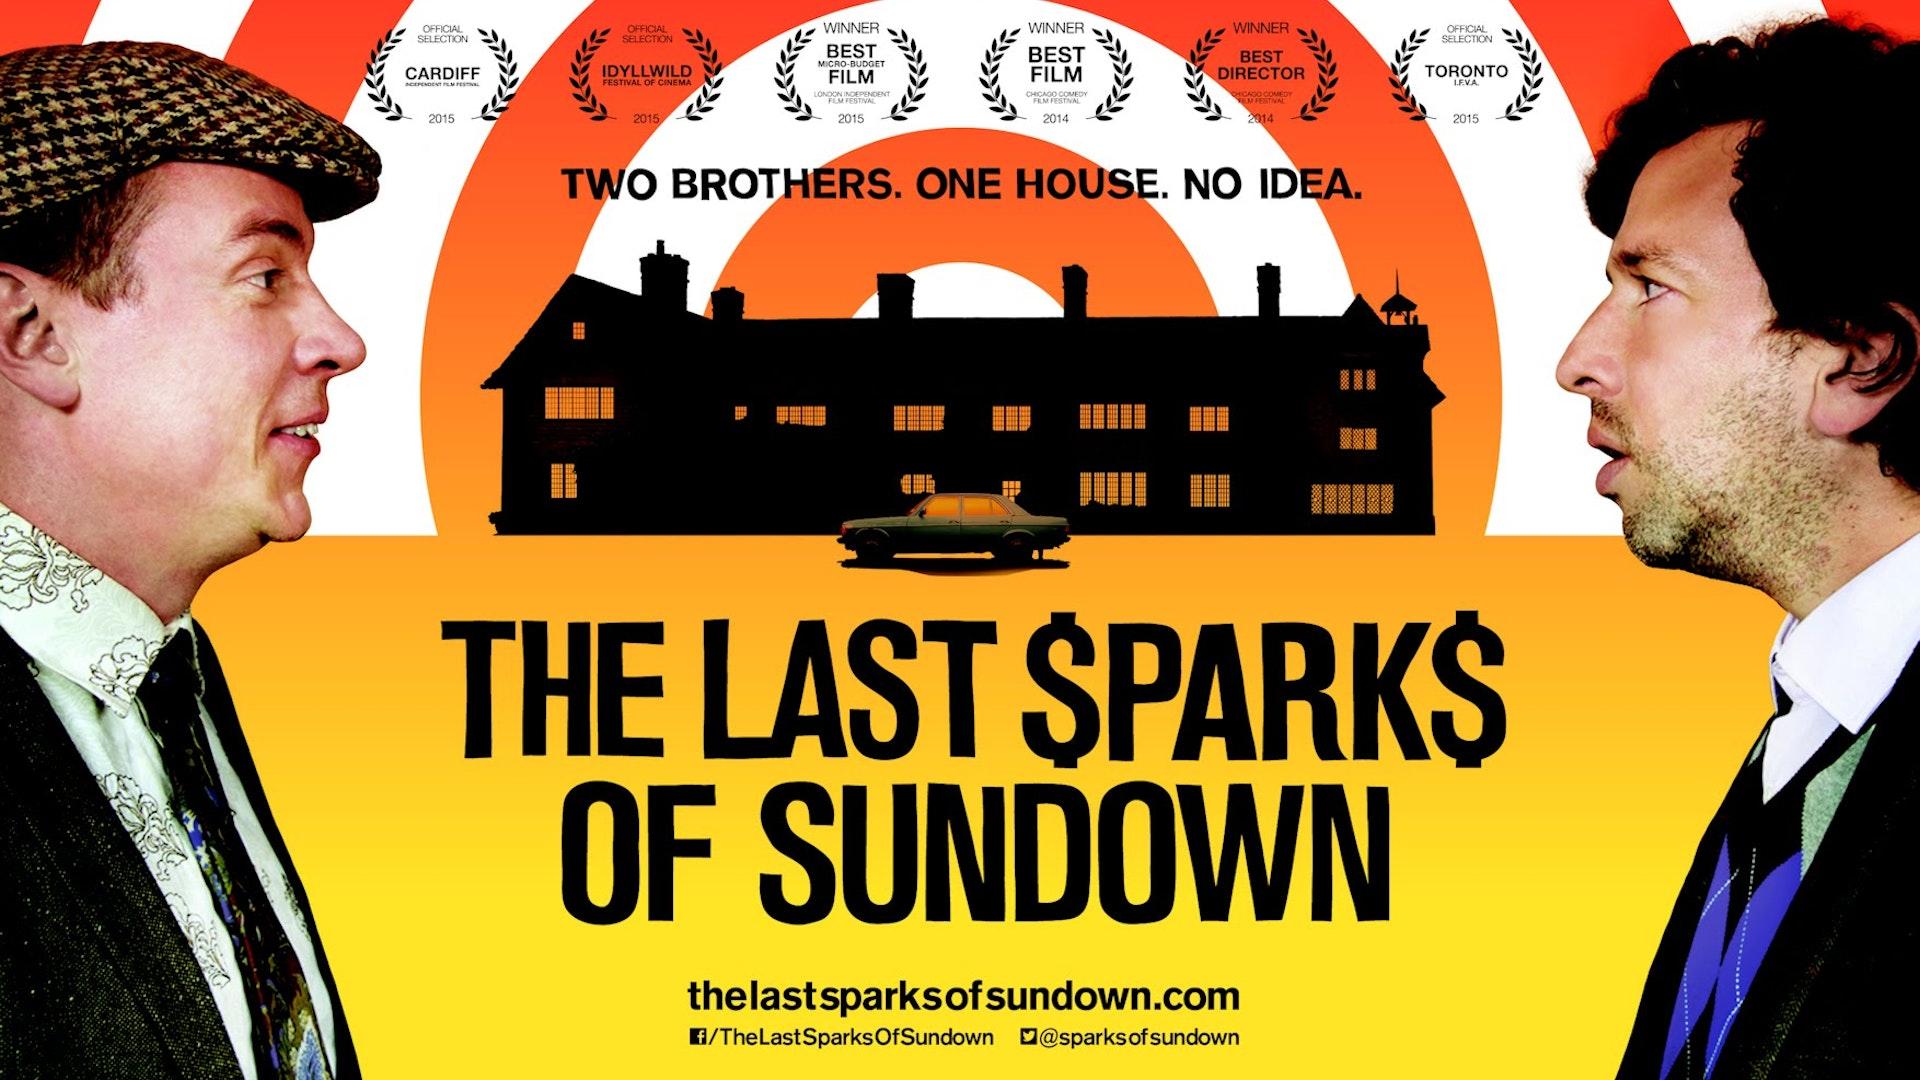 LAST SPARKS OF SUNDOWN - FILM (1)